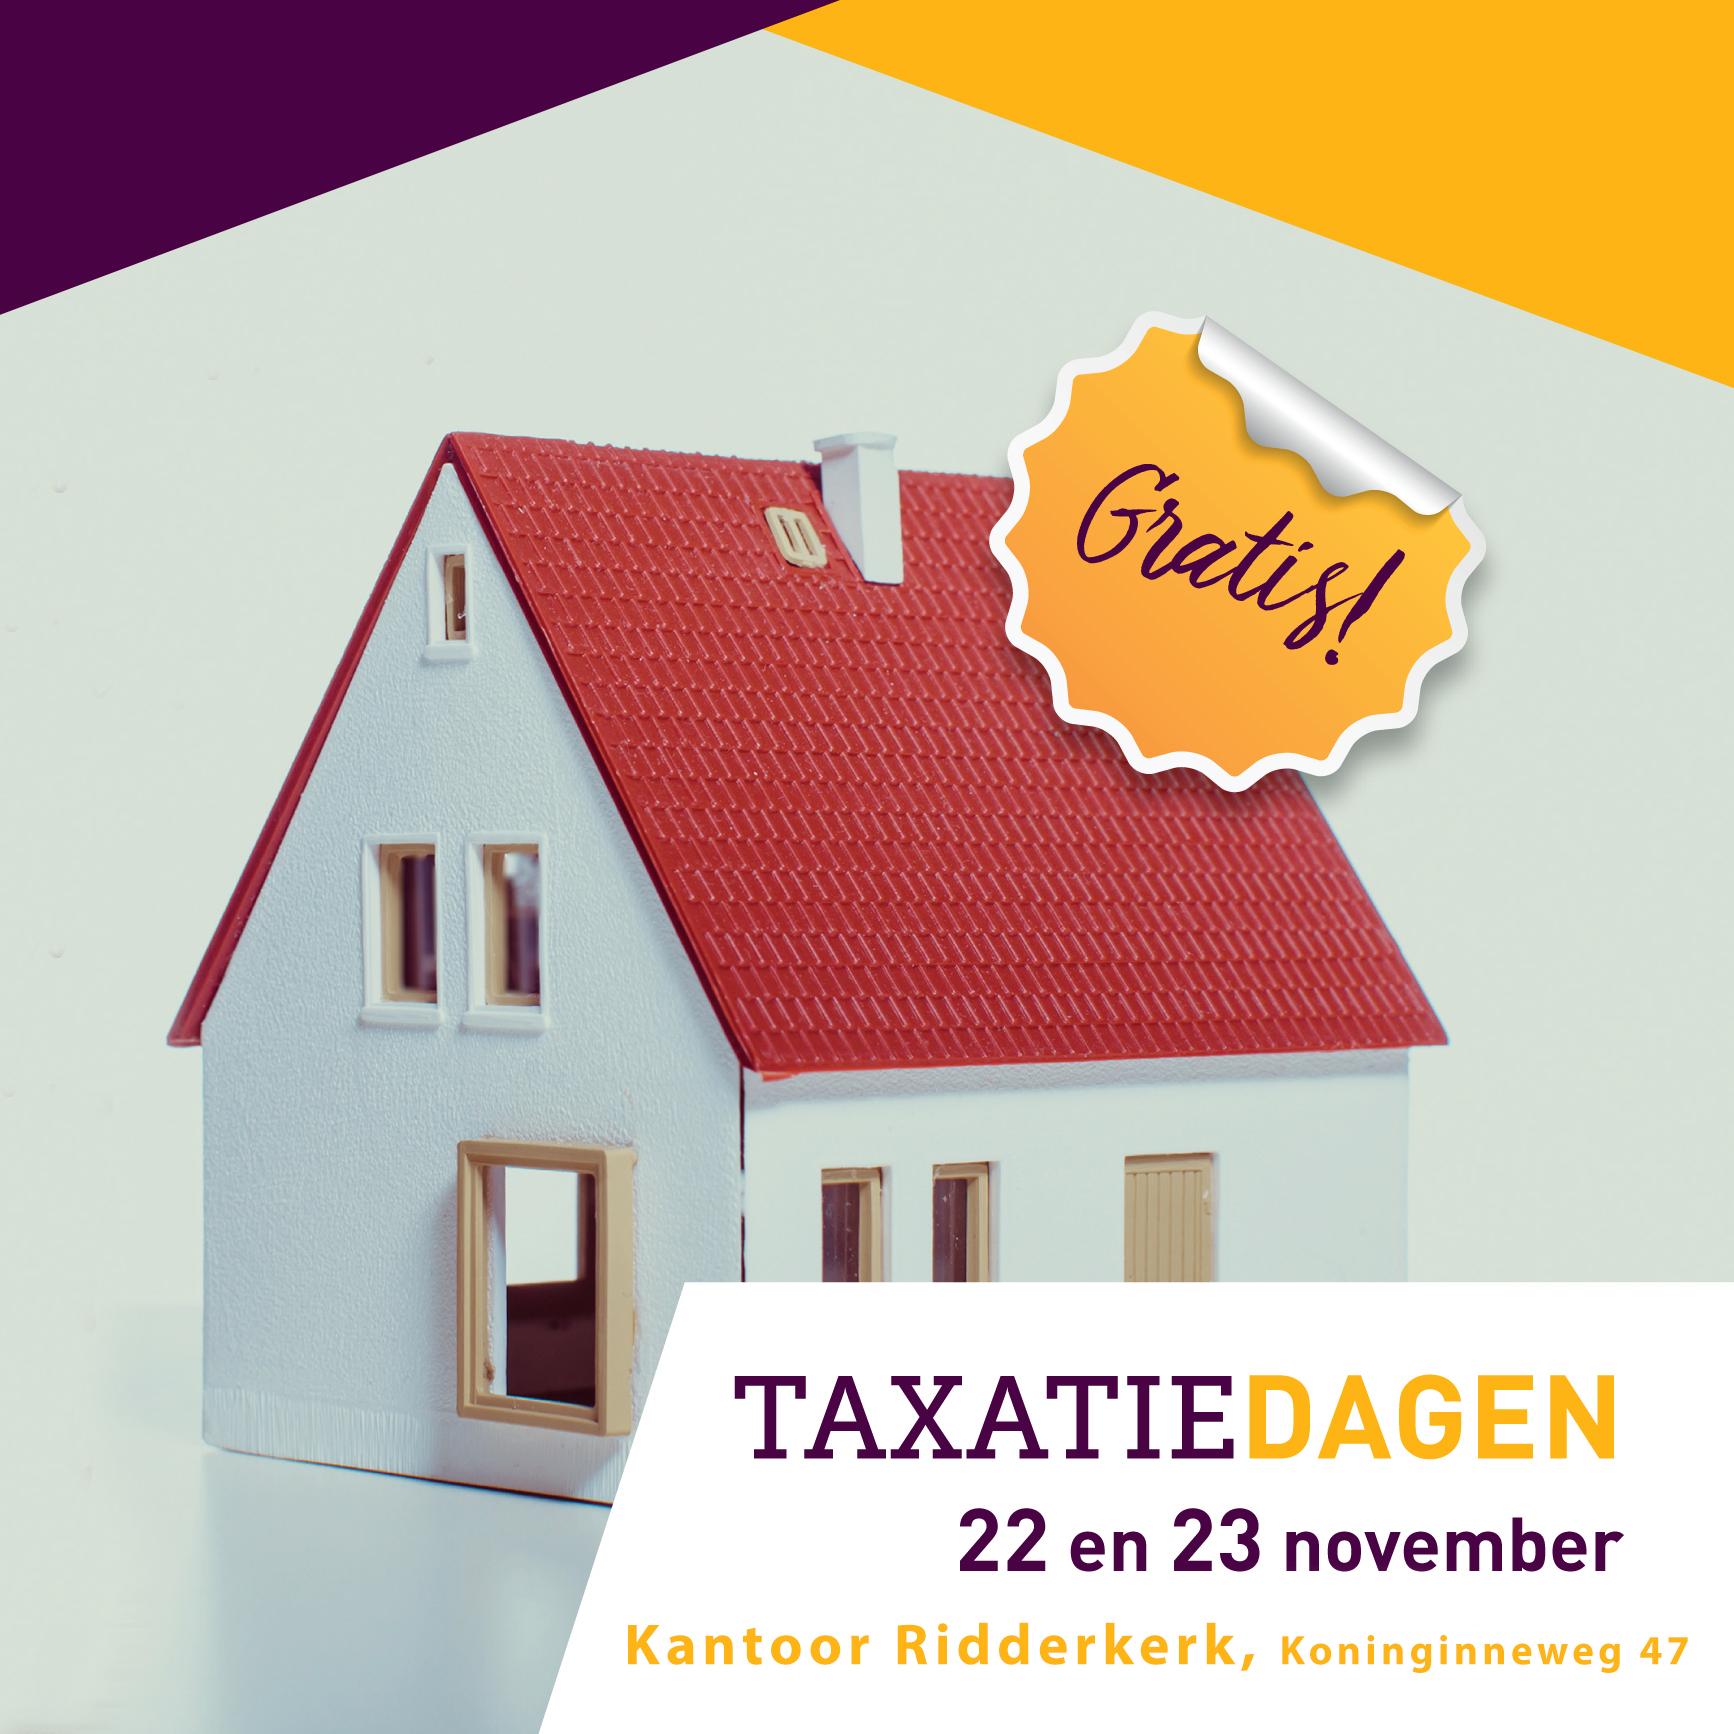 Taxatiedagen Ridderkerk